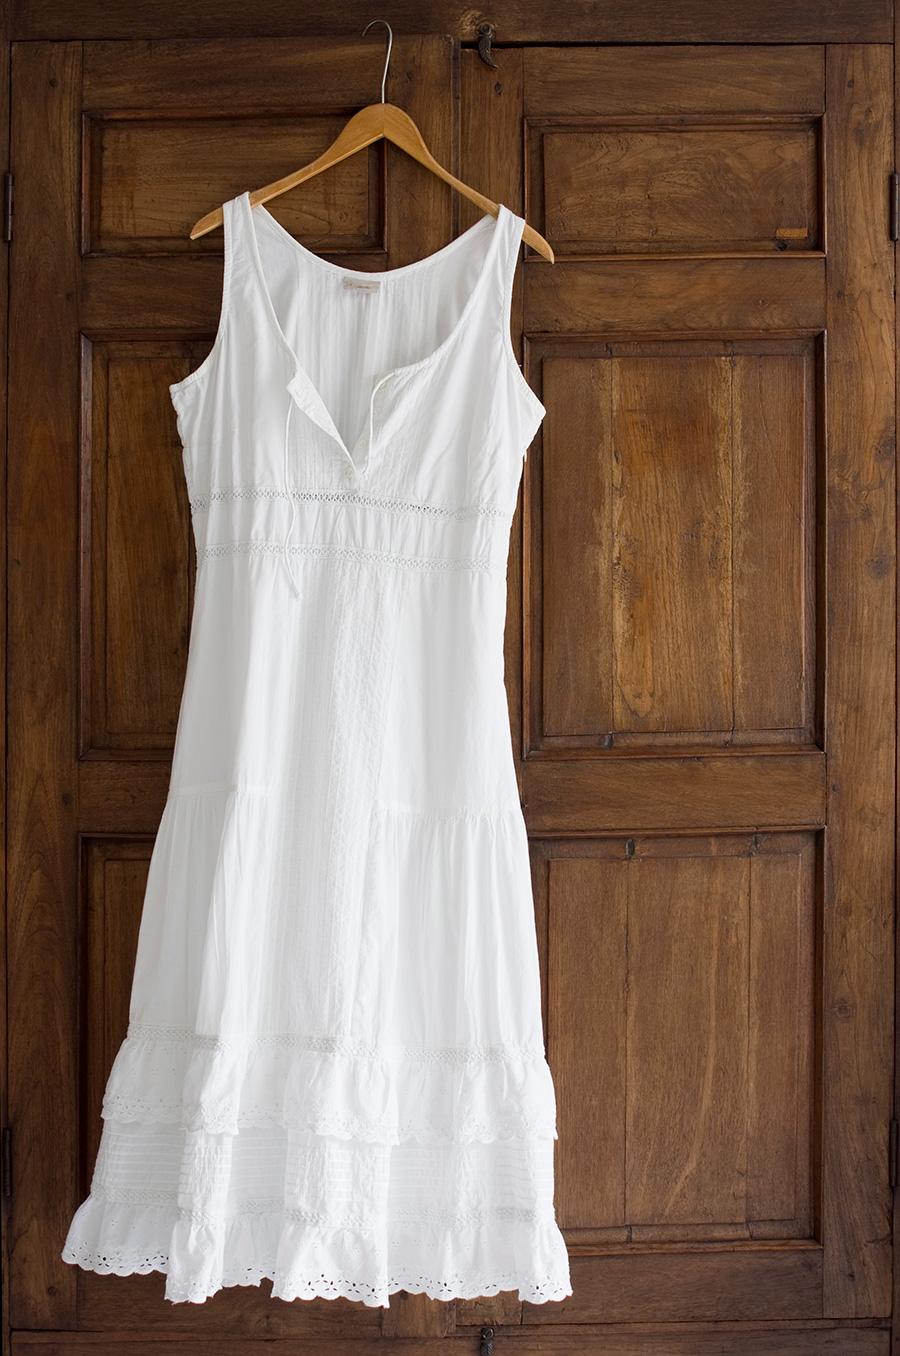 Biała sukienka na lato zawieszona na drzwiach